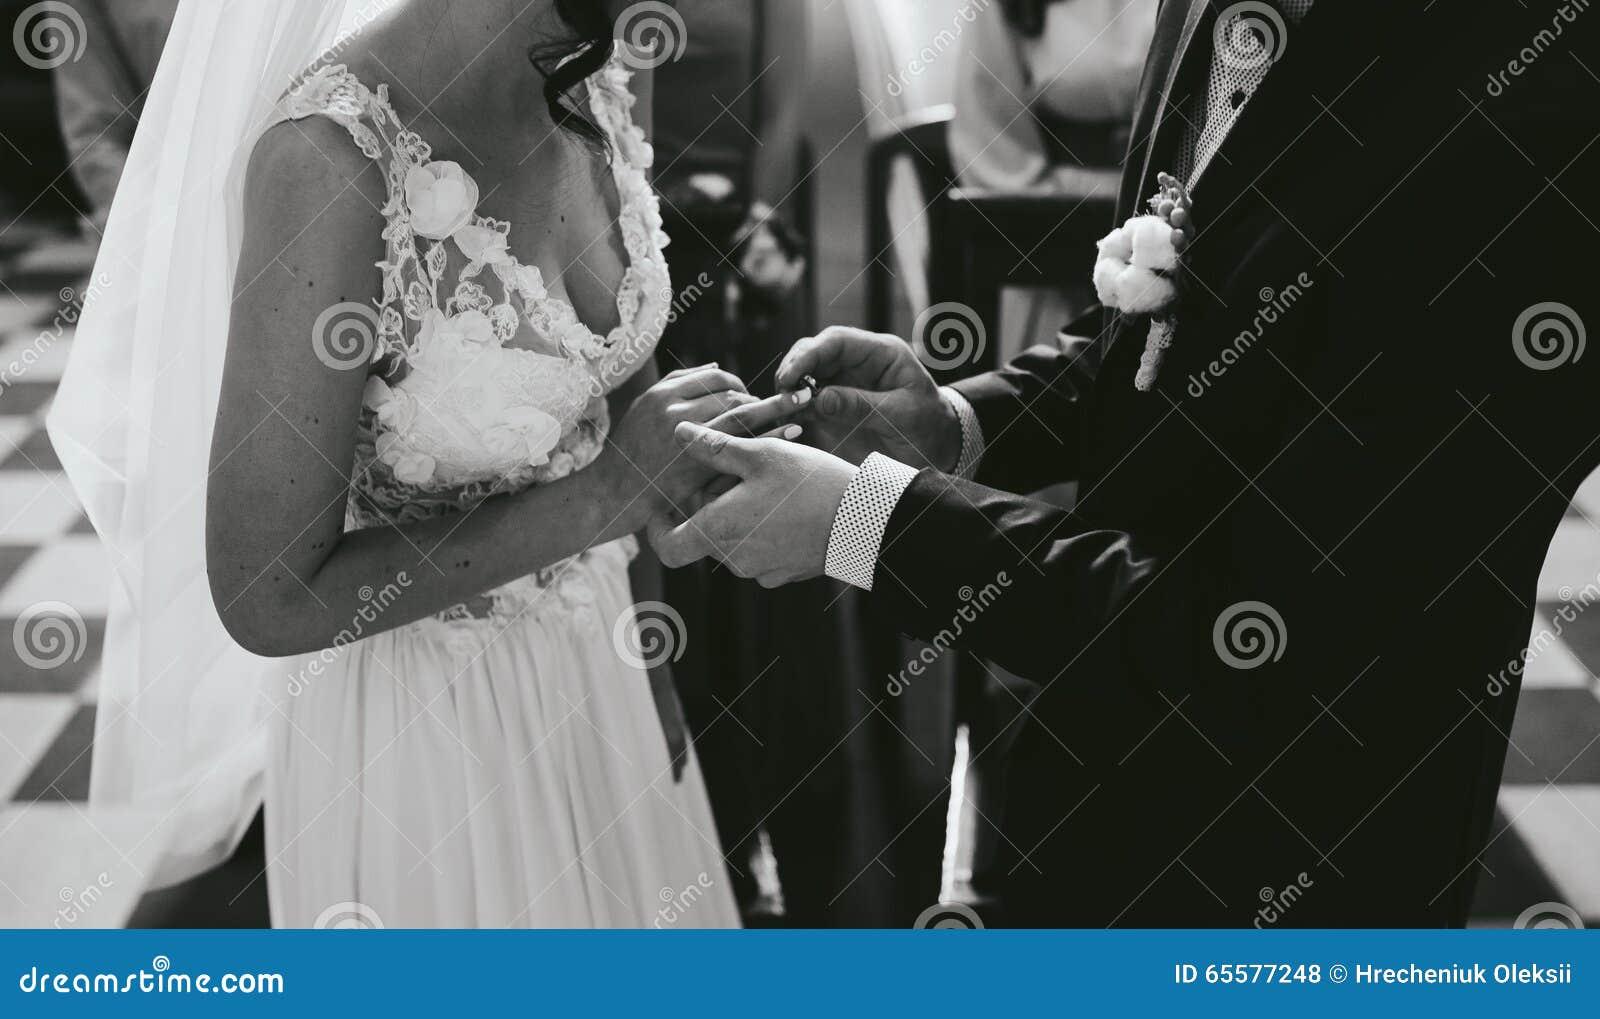 Pondo a aliança de casamento sobre